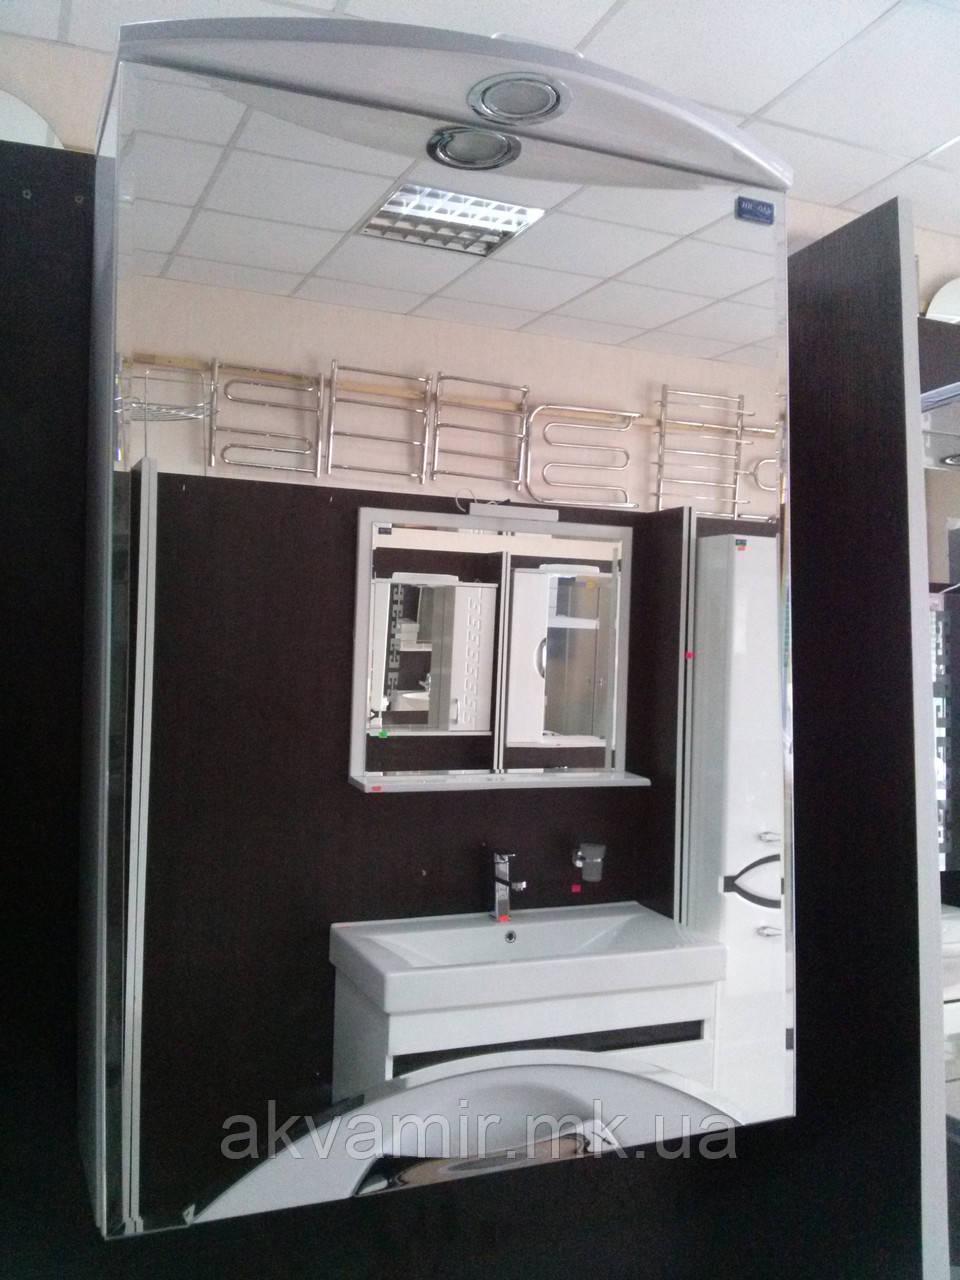 Зеркало в ванную З-55 ВР Николь 55 см